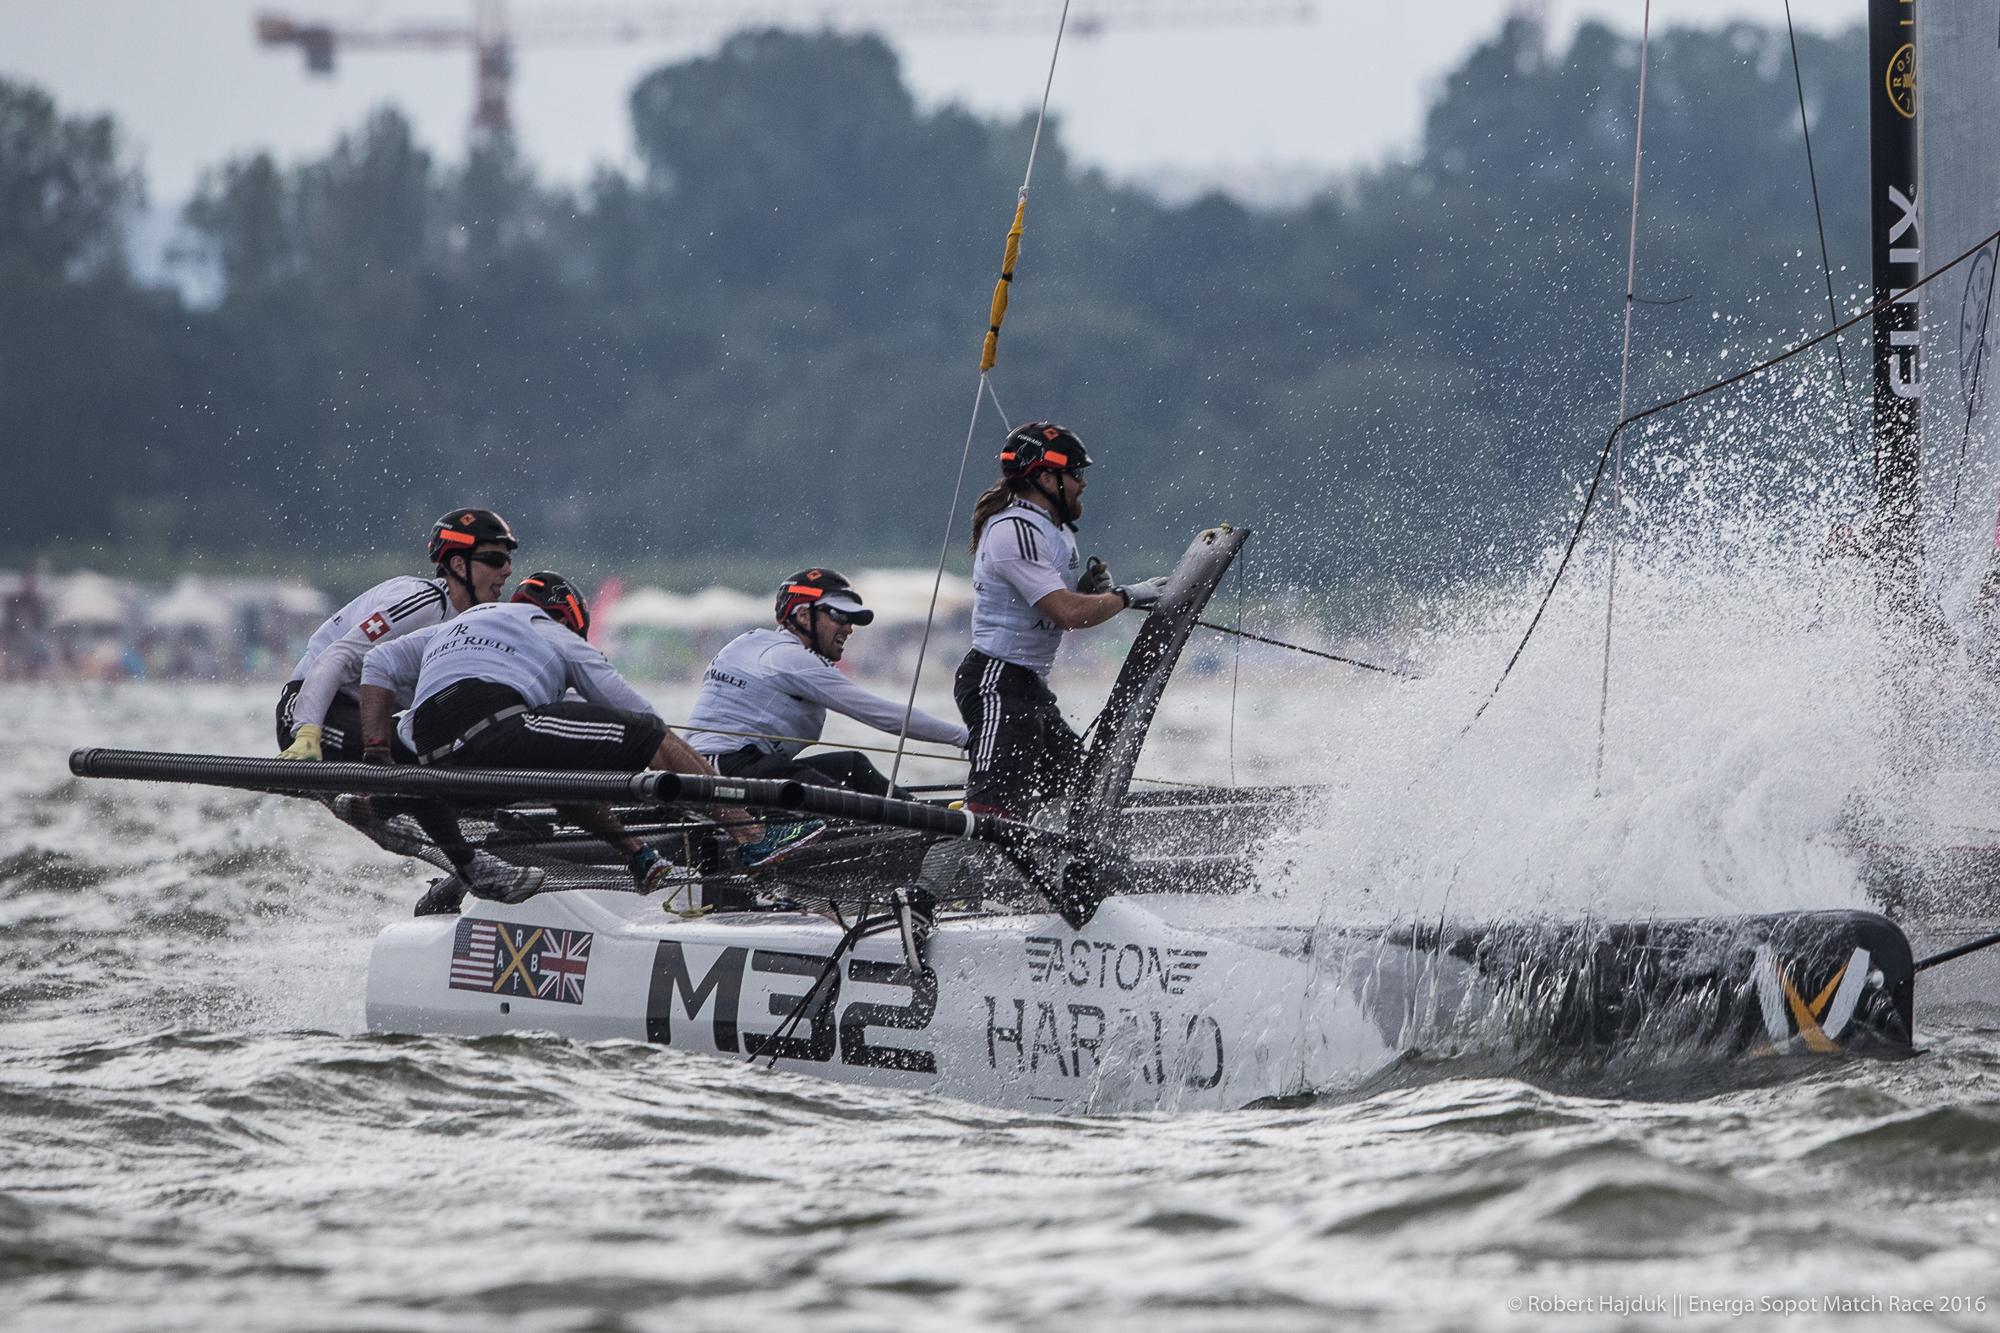 Wiatr, woda i rywalizacja. Rusza 14 edycja regat Sopot Match Race